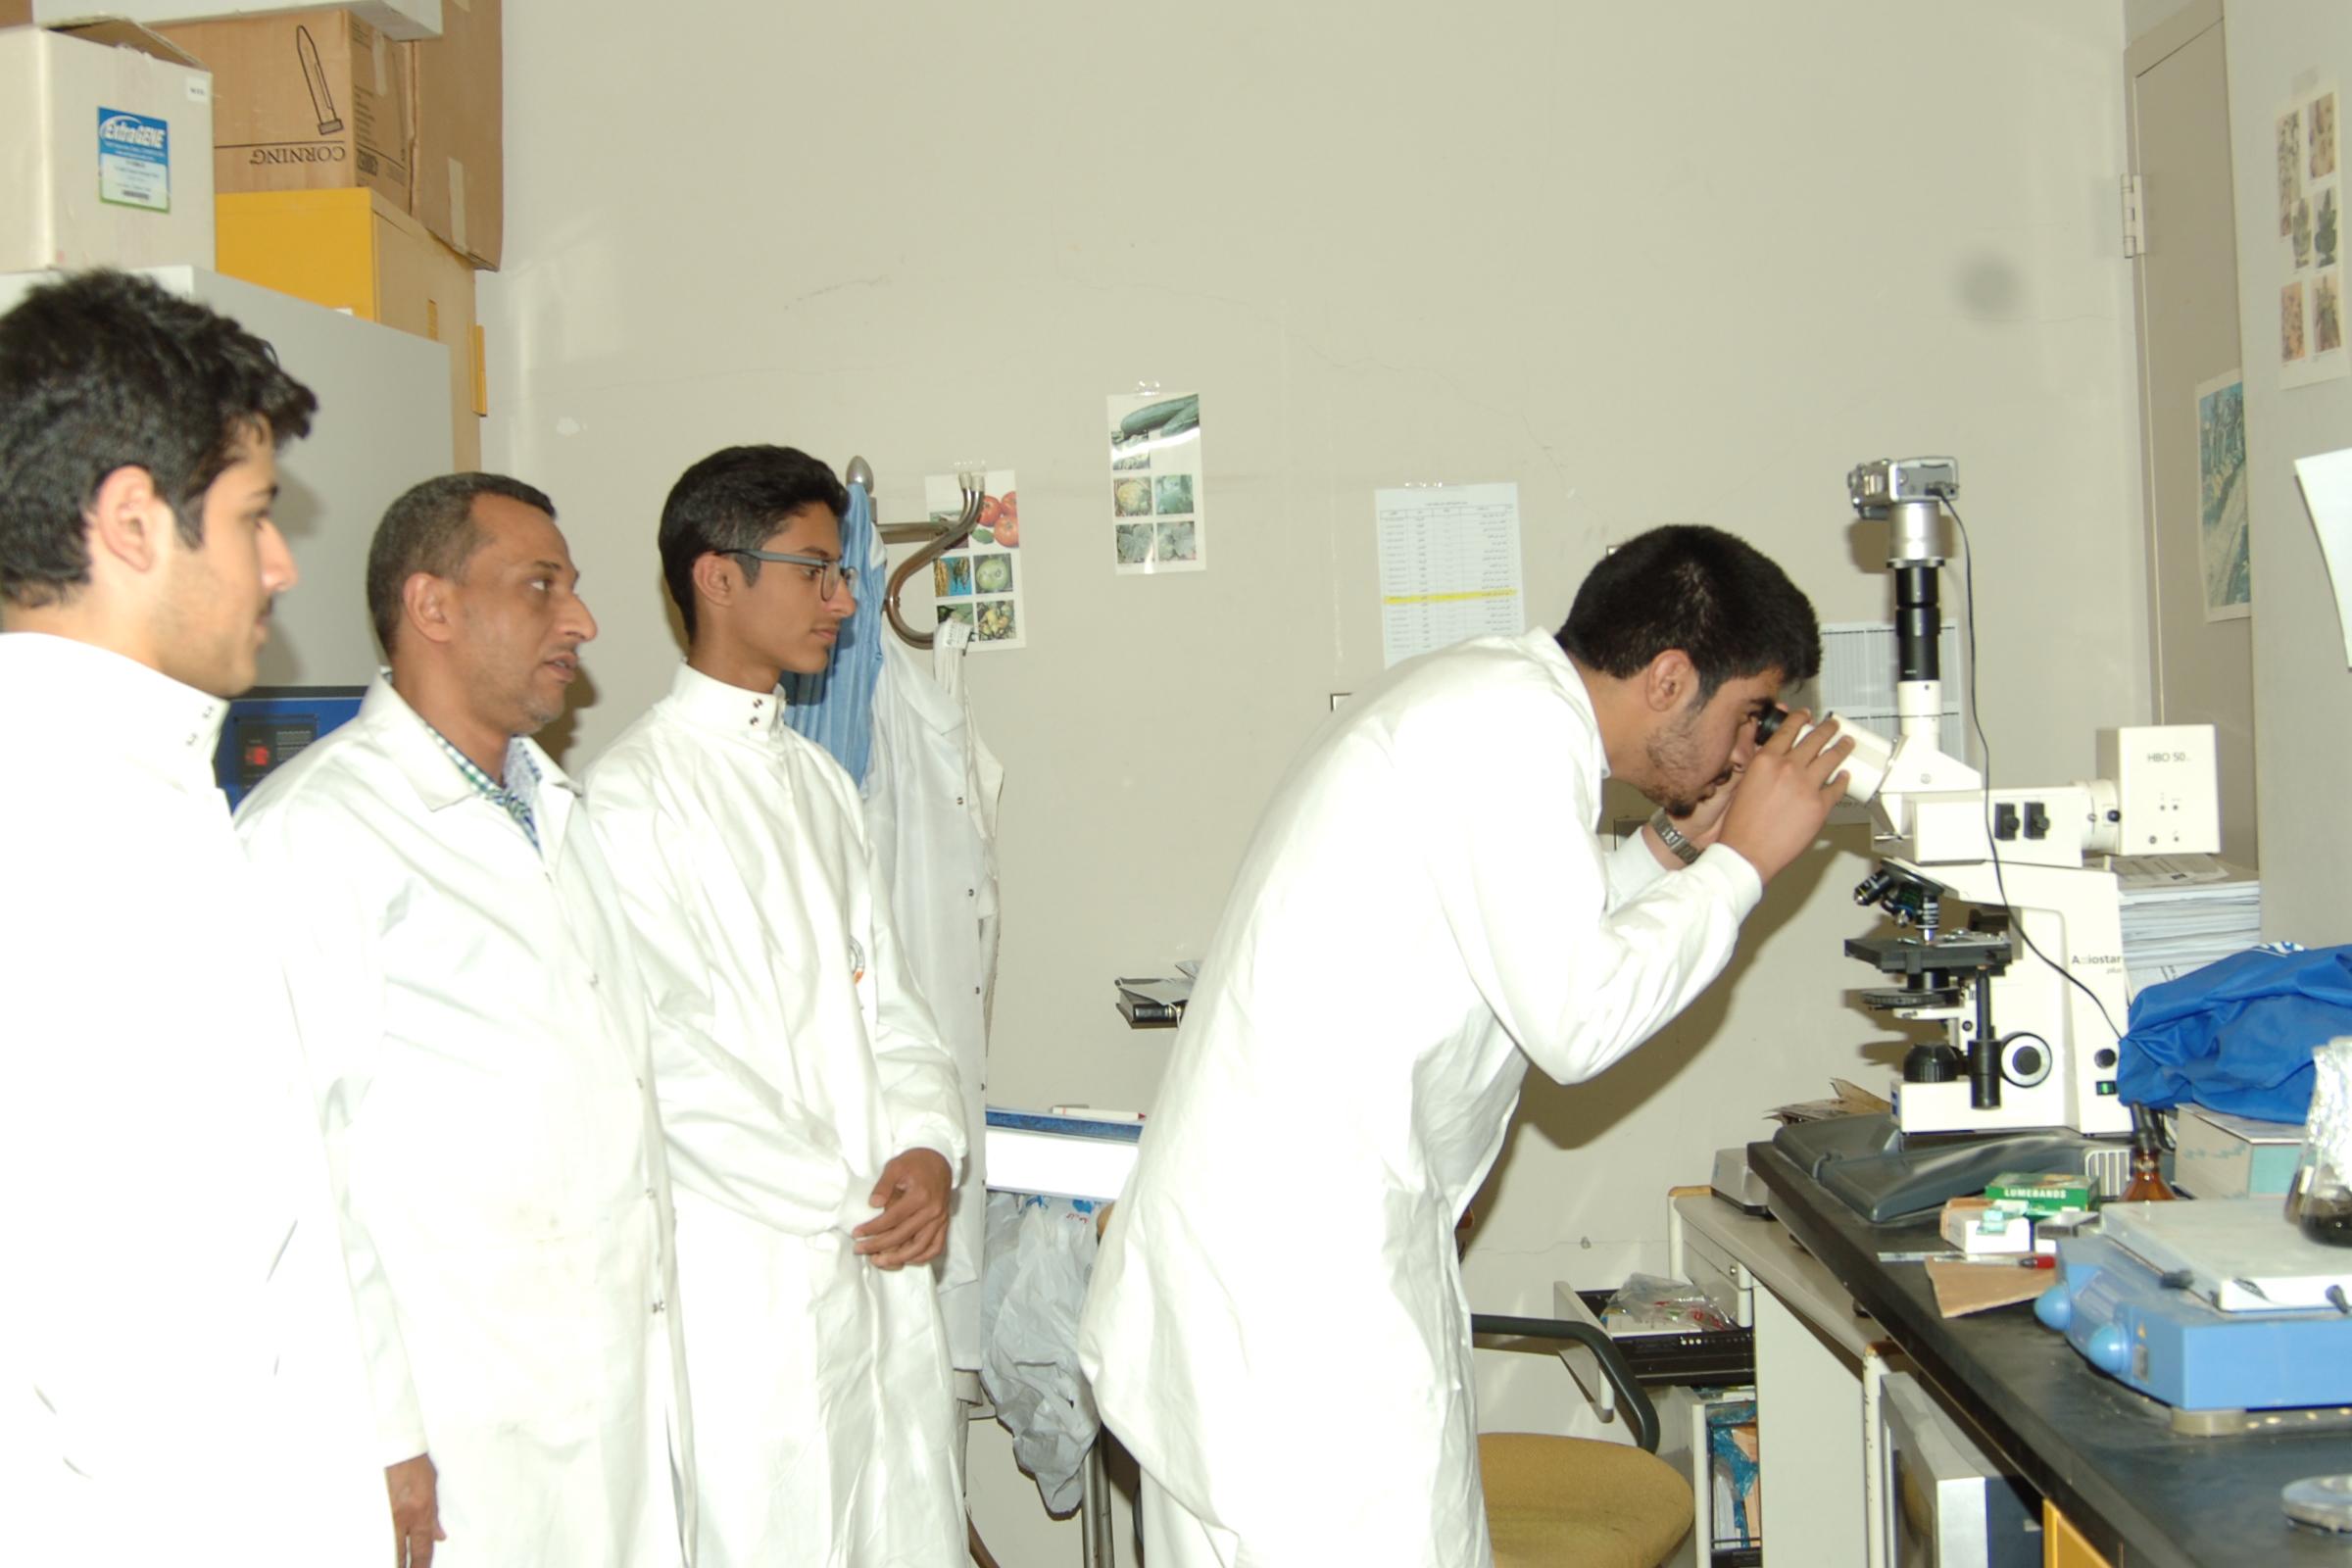 82- طلاب ثانوية الصديق يتدربون في مختبرات ومعامل كلية علوم الأغذية والزراعة.